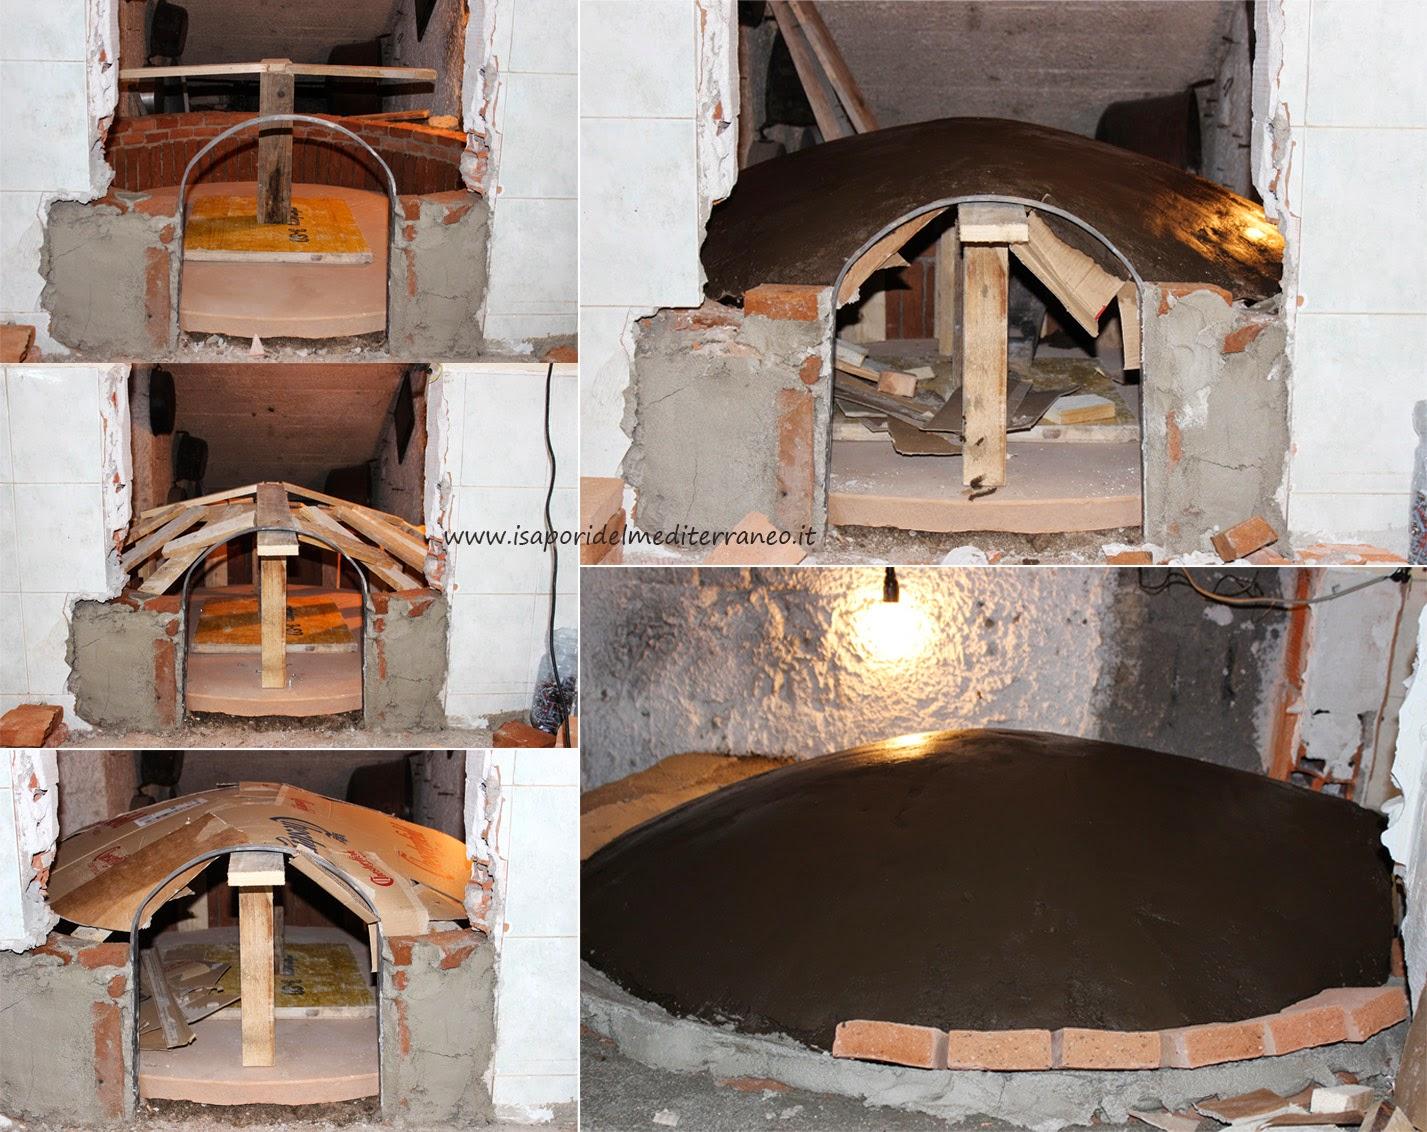 Come costruire il forno a legna tradizionale i sapori del mediterraneo - Costruire cappa cucina ...